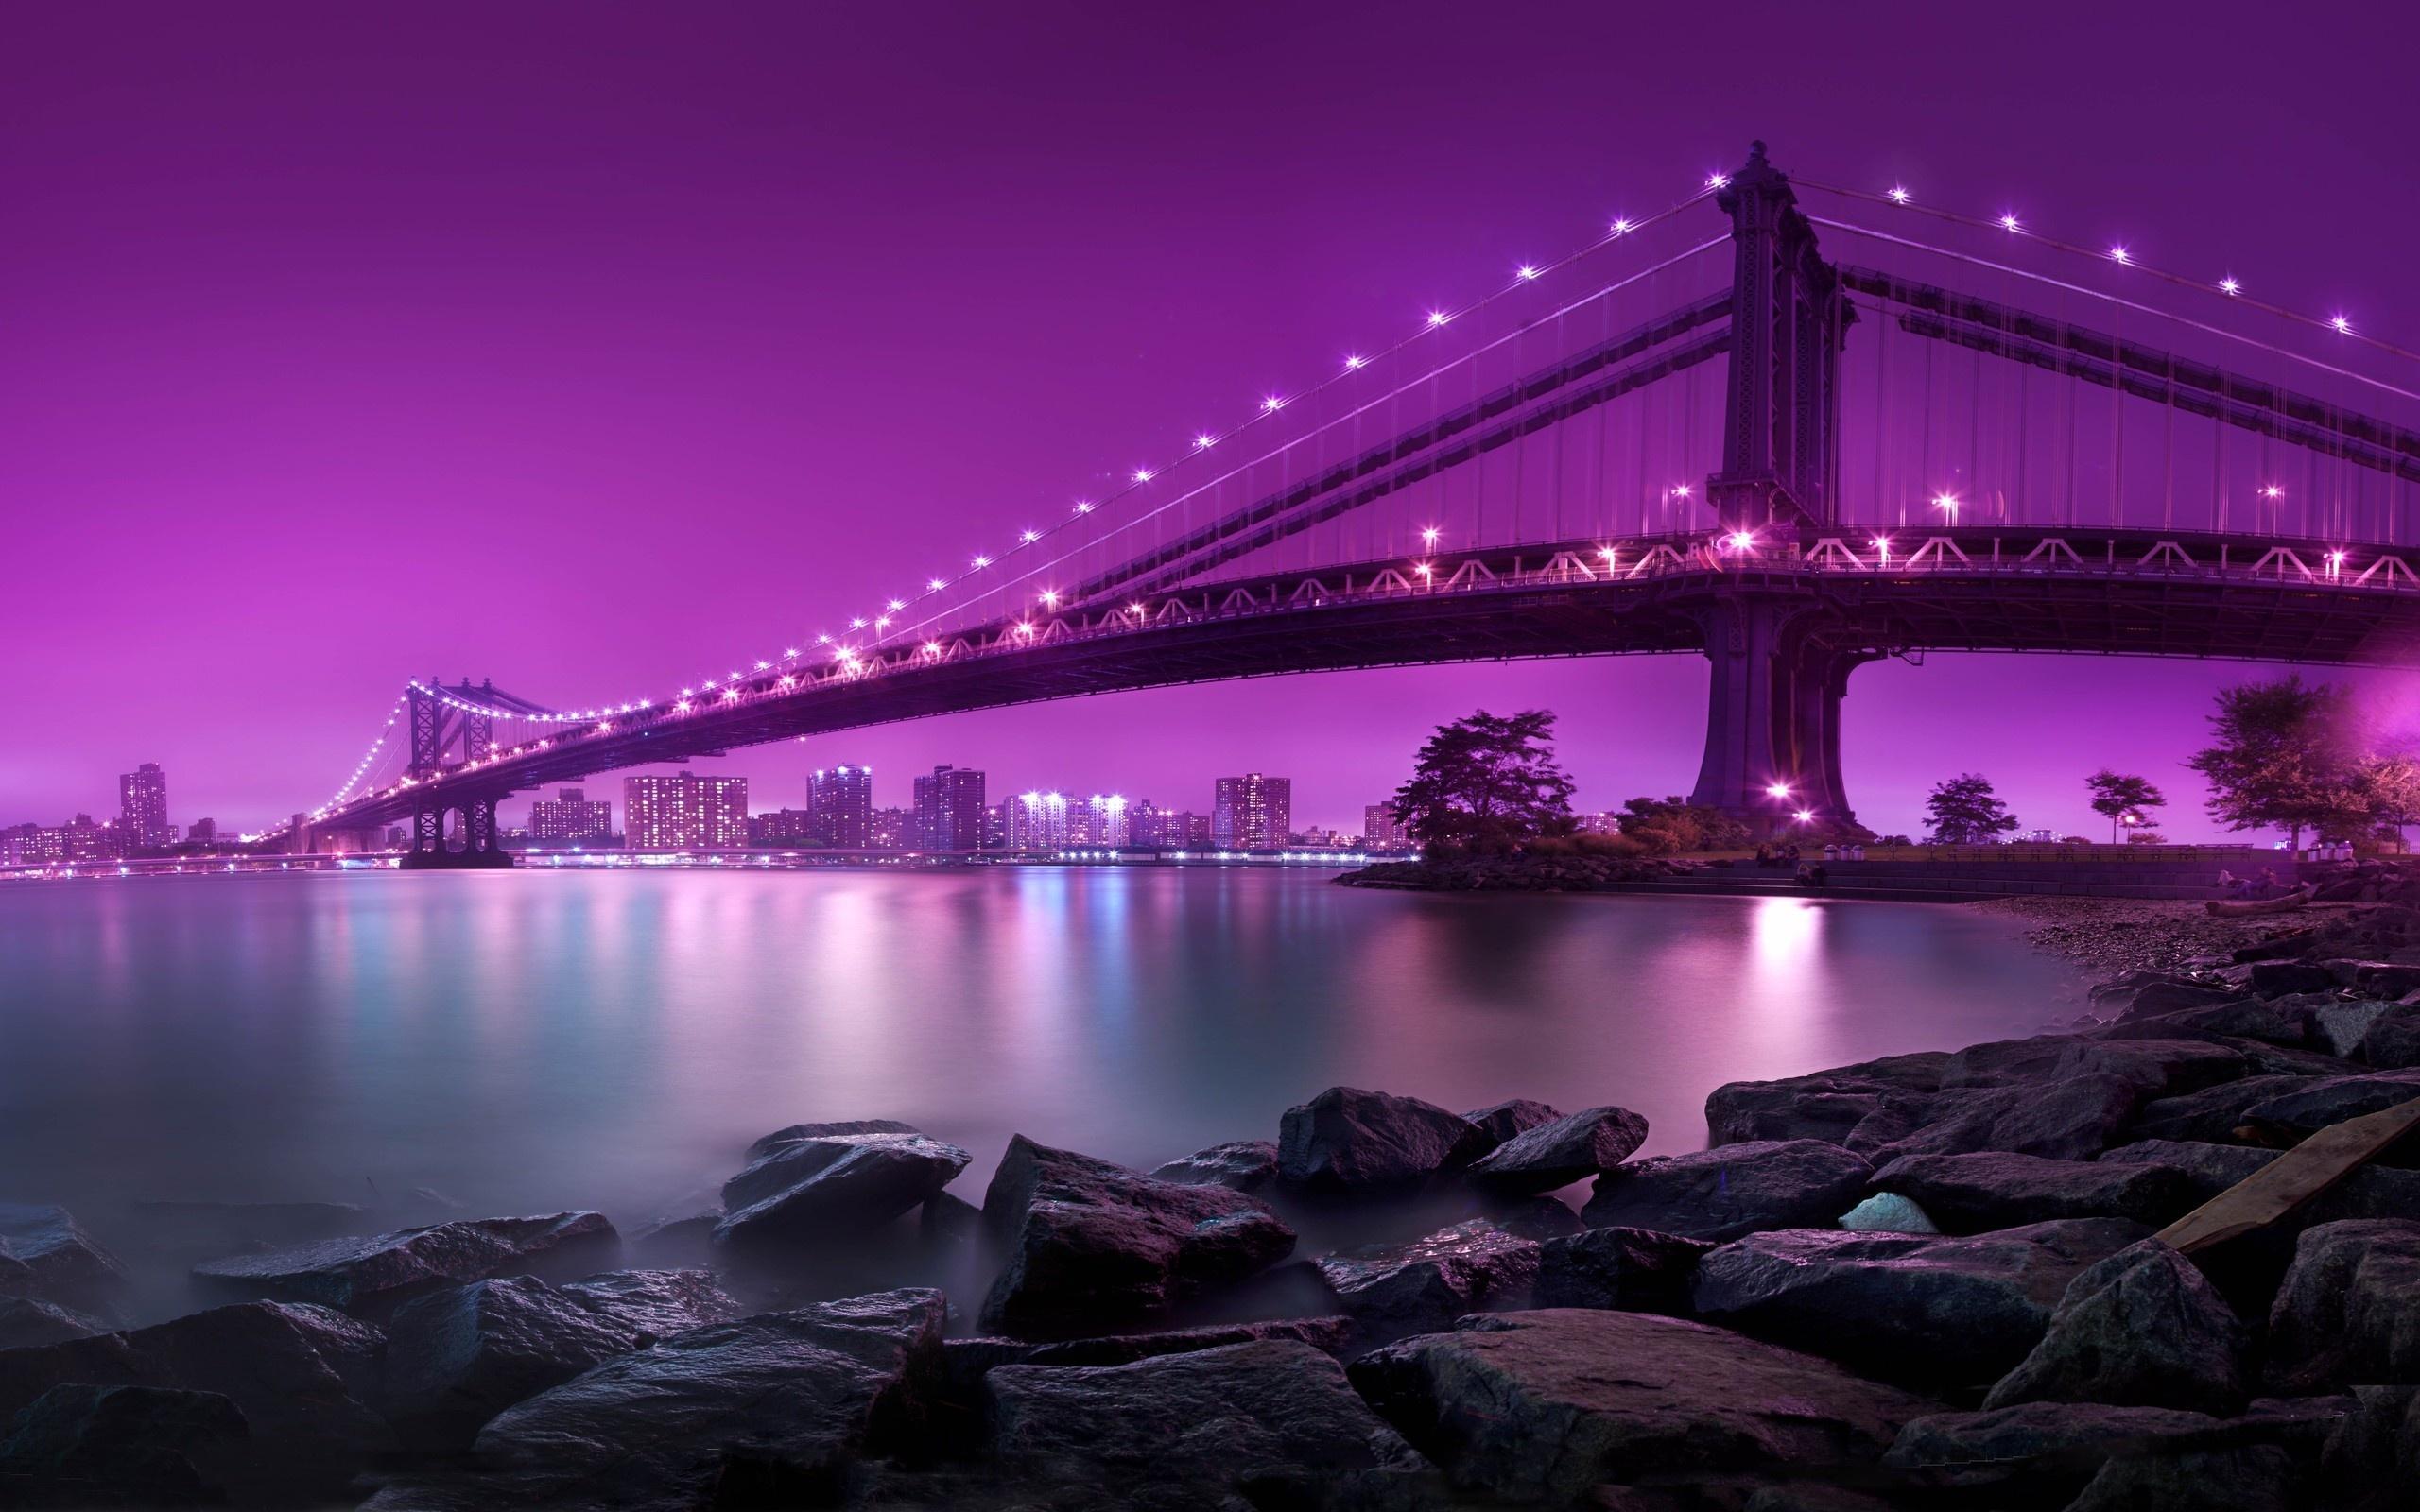 Город река мост  № 3888376 бесплатно